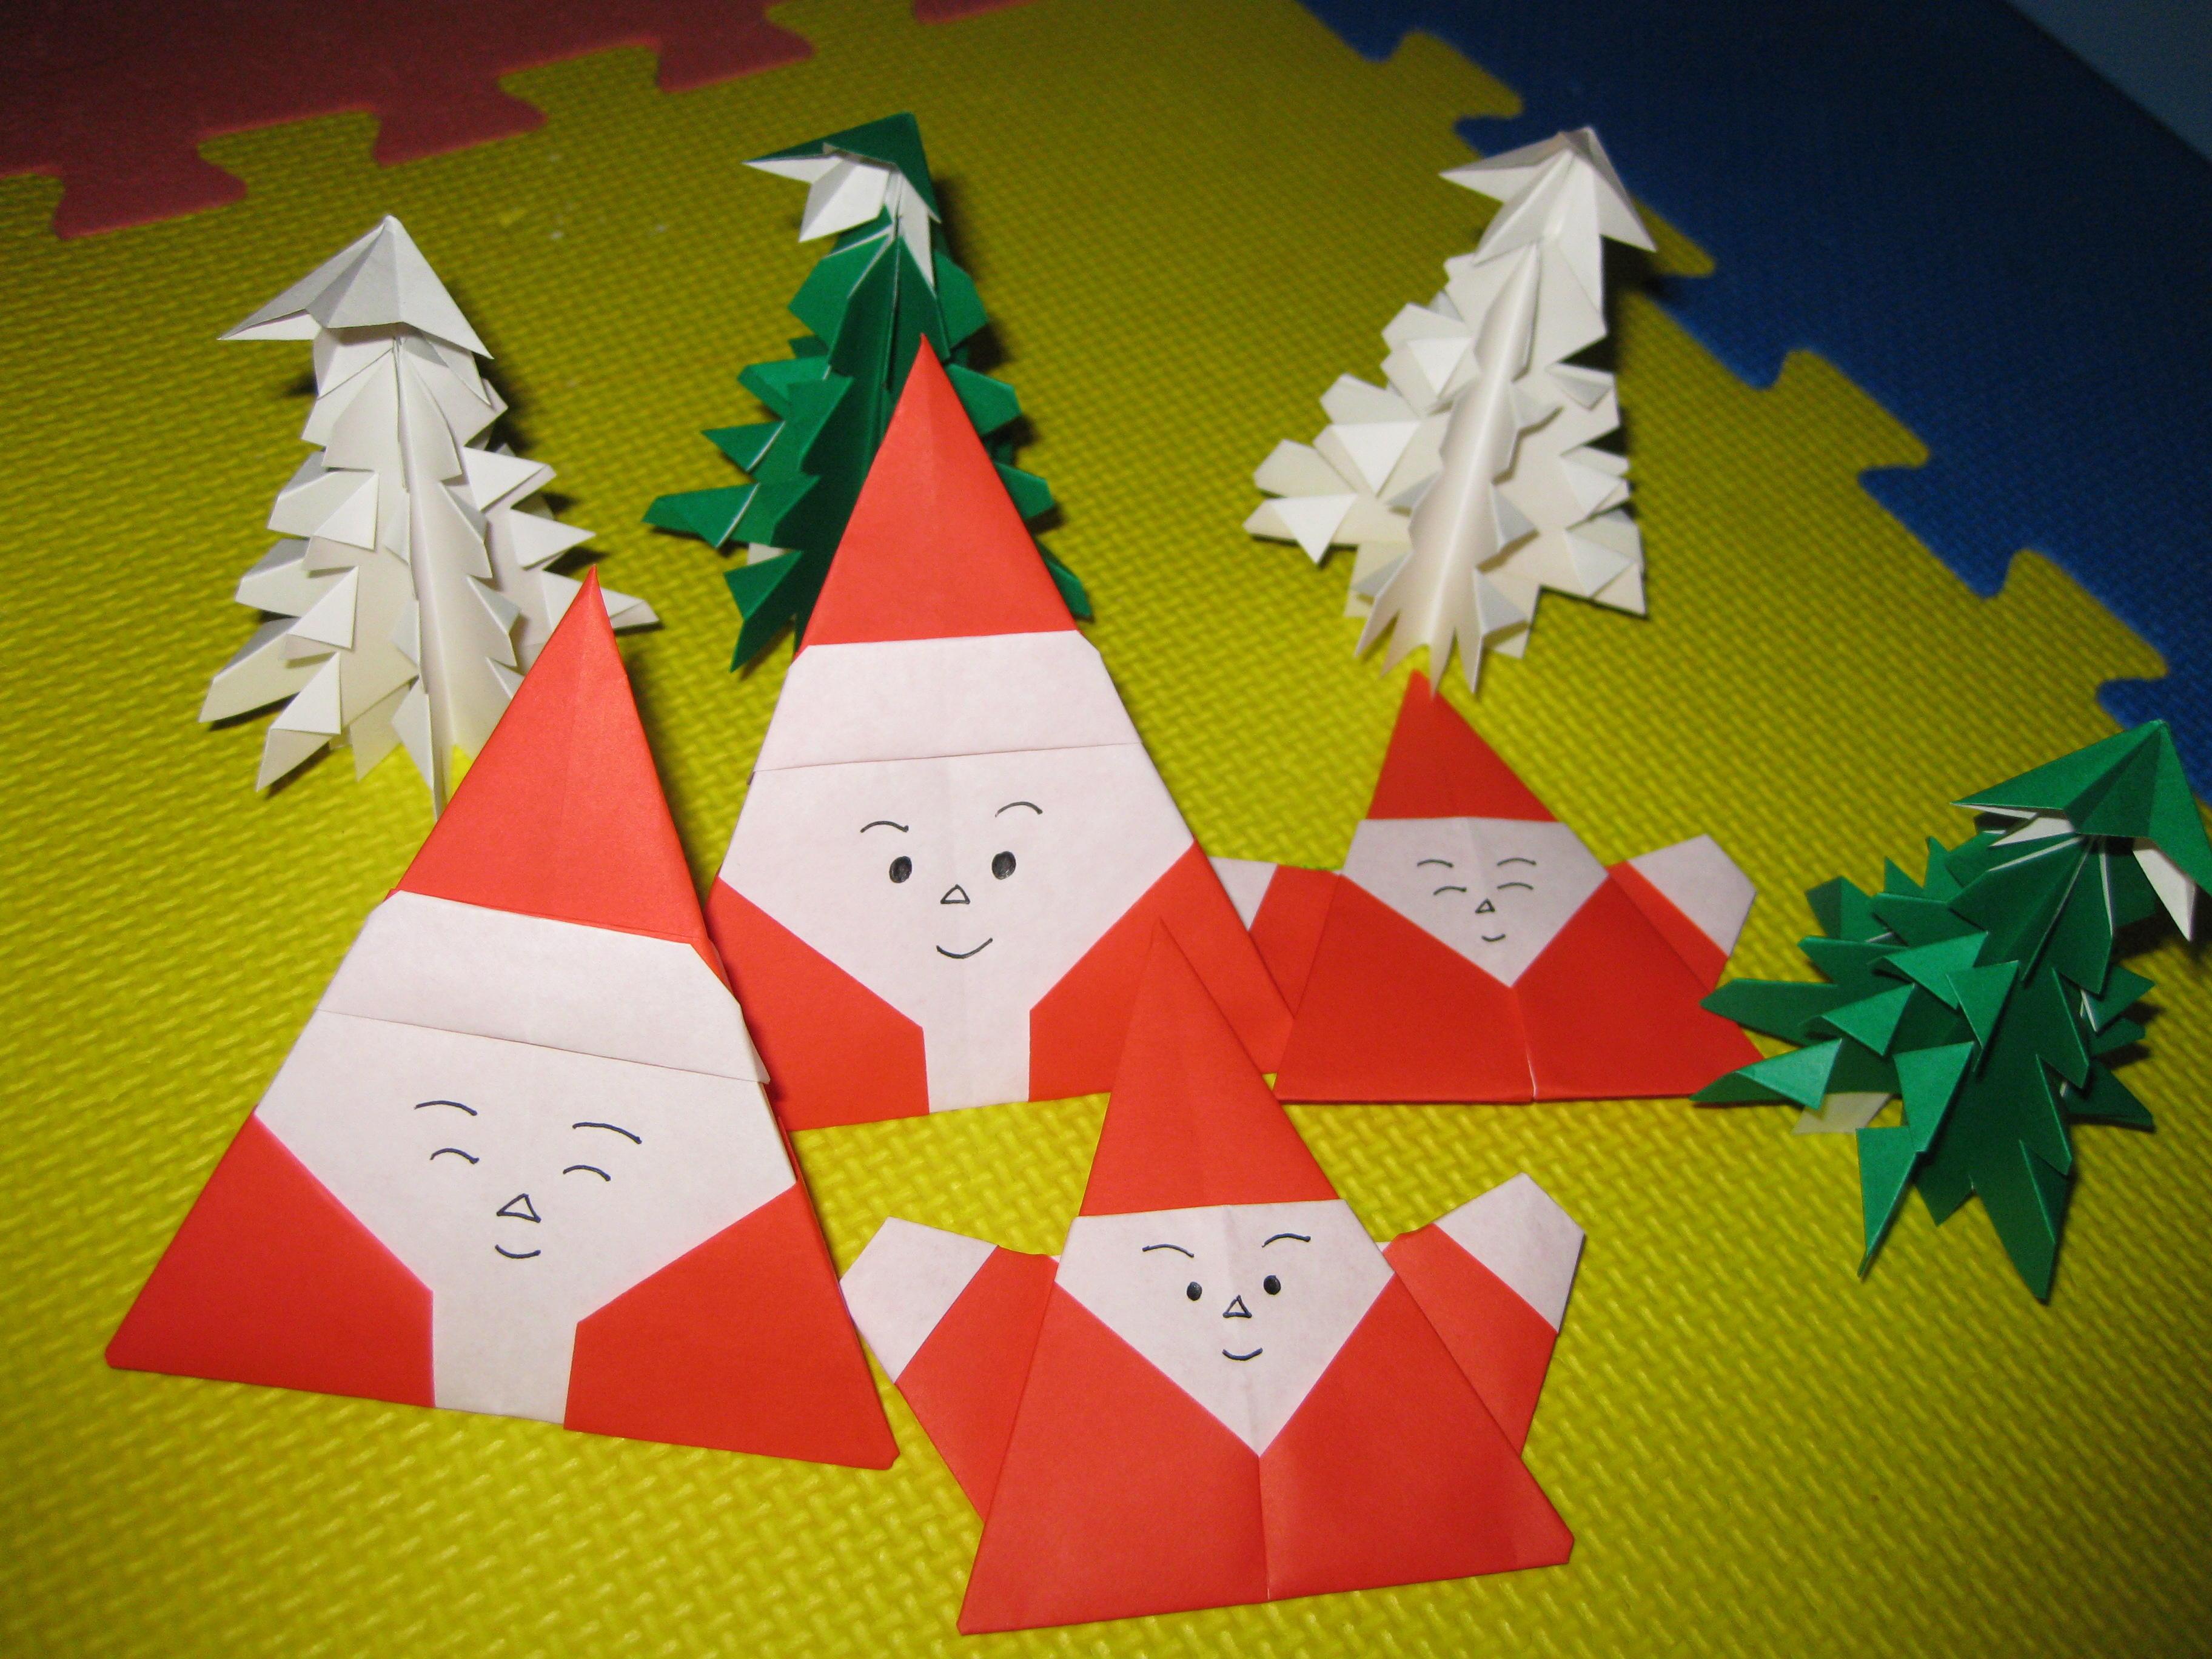 折り紙で楽しいクリスマス飾りを作ろう!クリスマス用折り紙の作り方のサムネイル画像